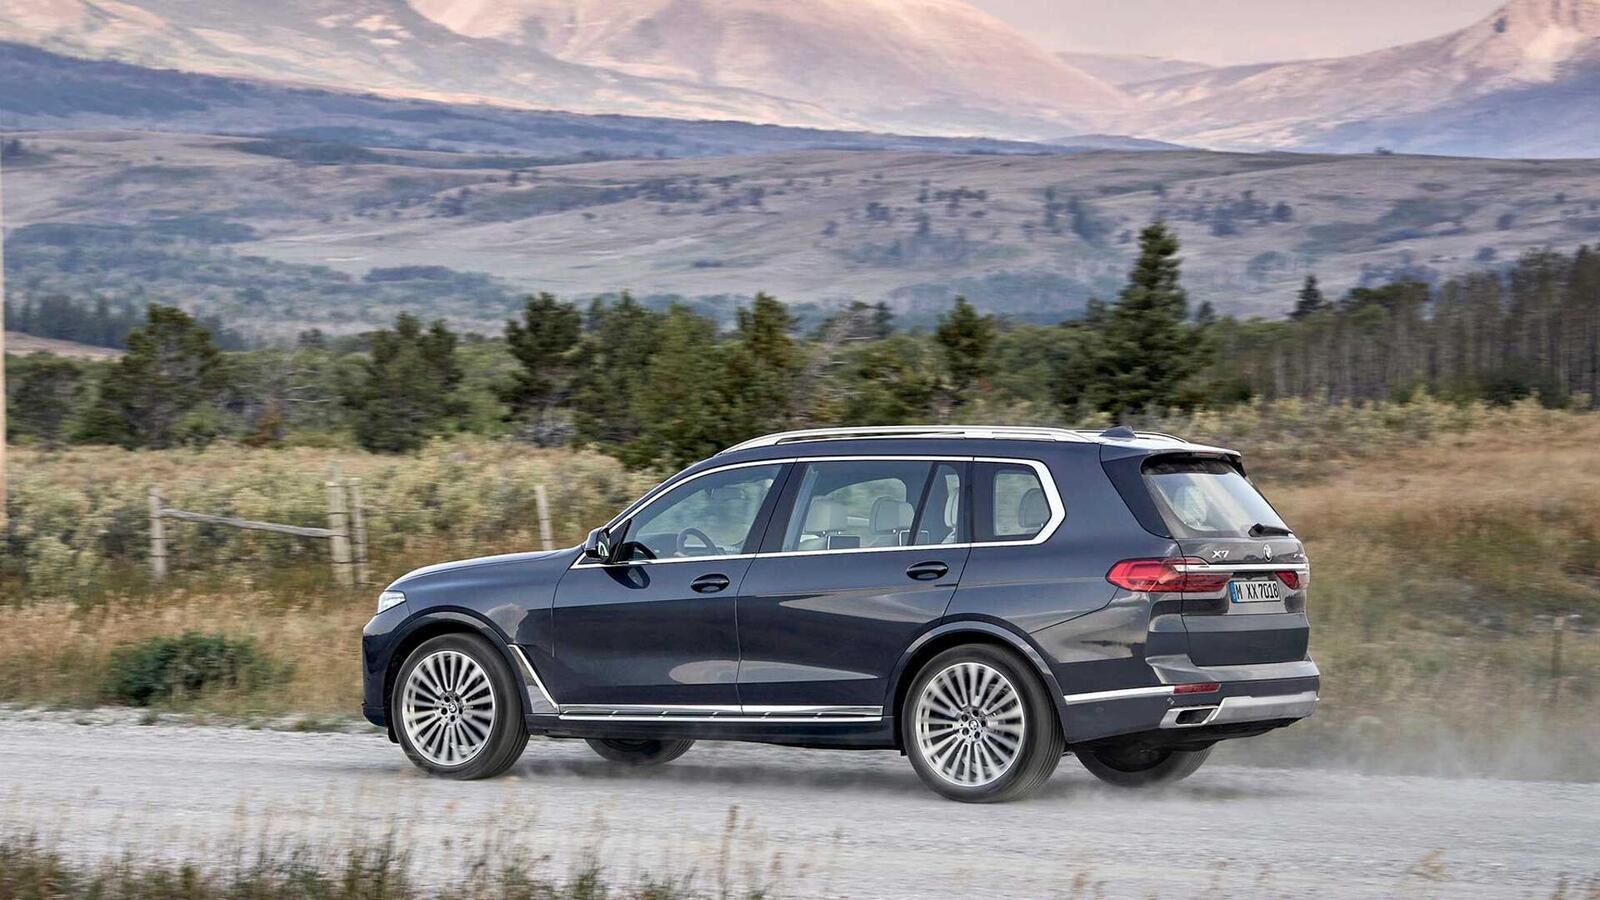 BMW X7 sắp bán tại Thái Lan; bản máy dầu M50d có giá 6,5 tỷ đồng - Hình 12